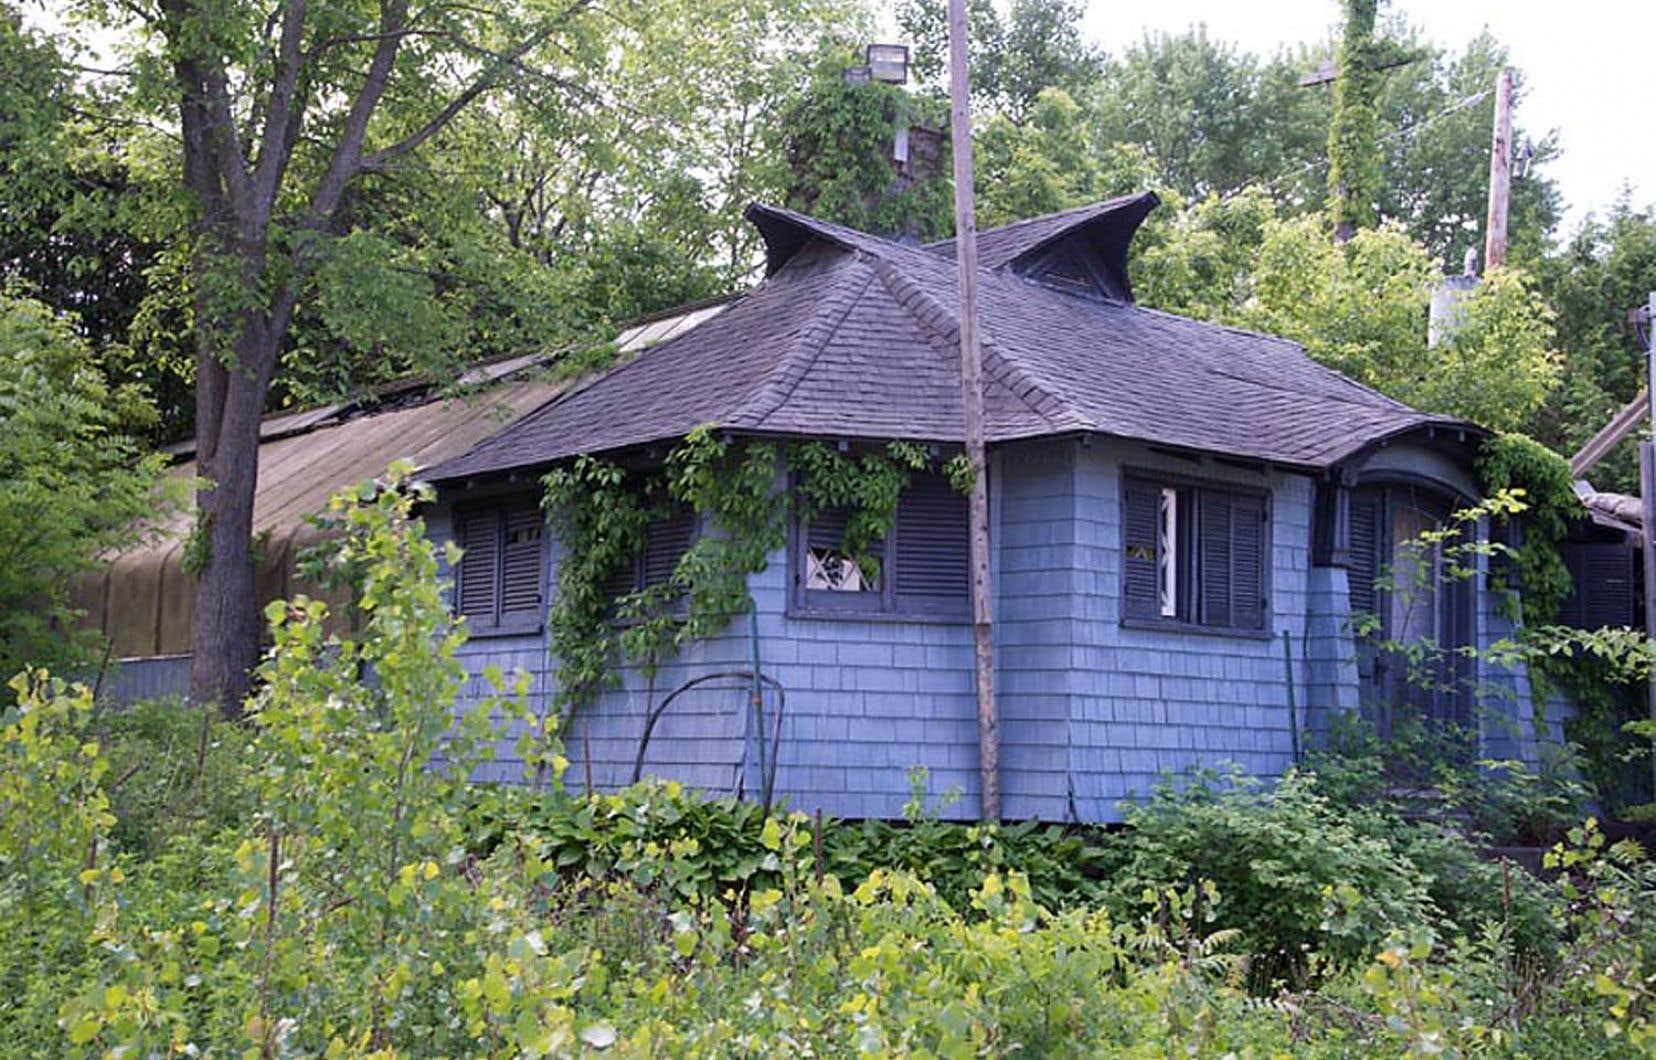 La serre (Conservatory), sise sur l'ancienne propriété de la famille Angus au bord du lac des Deux Montagnes